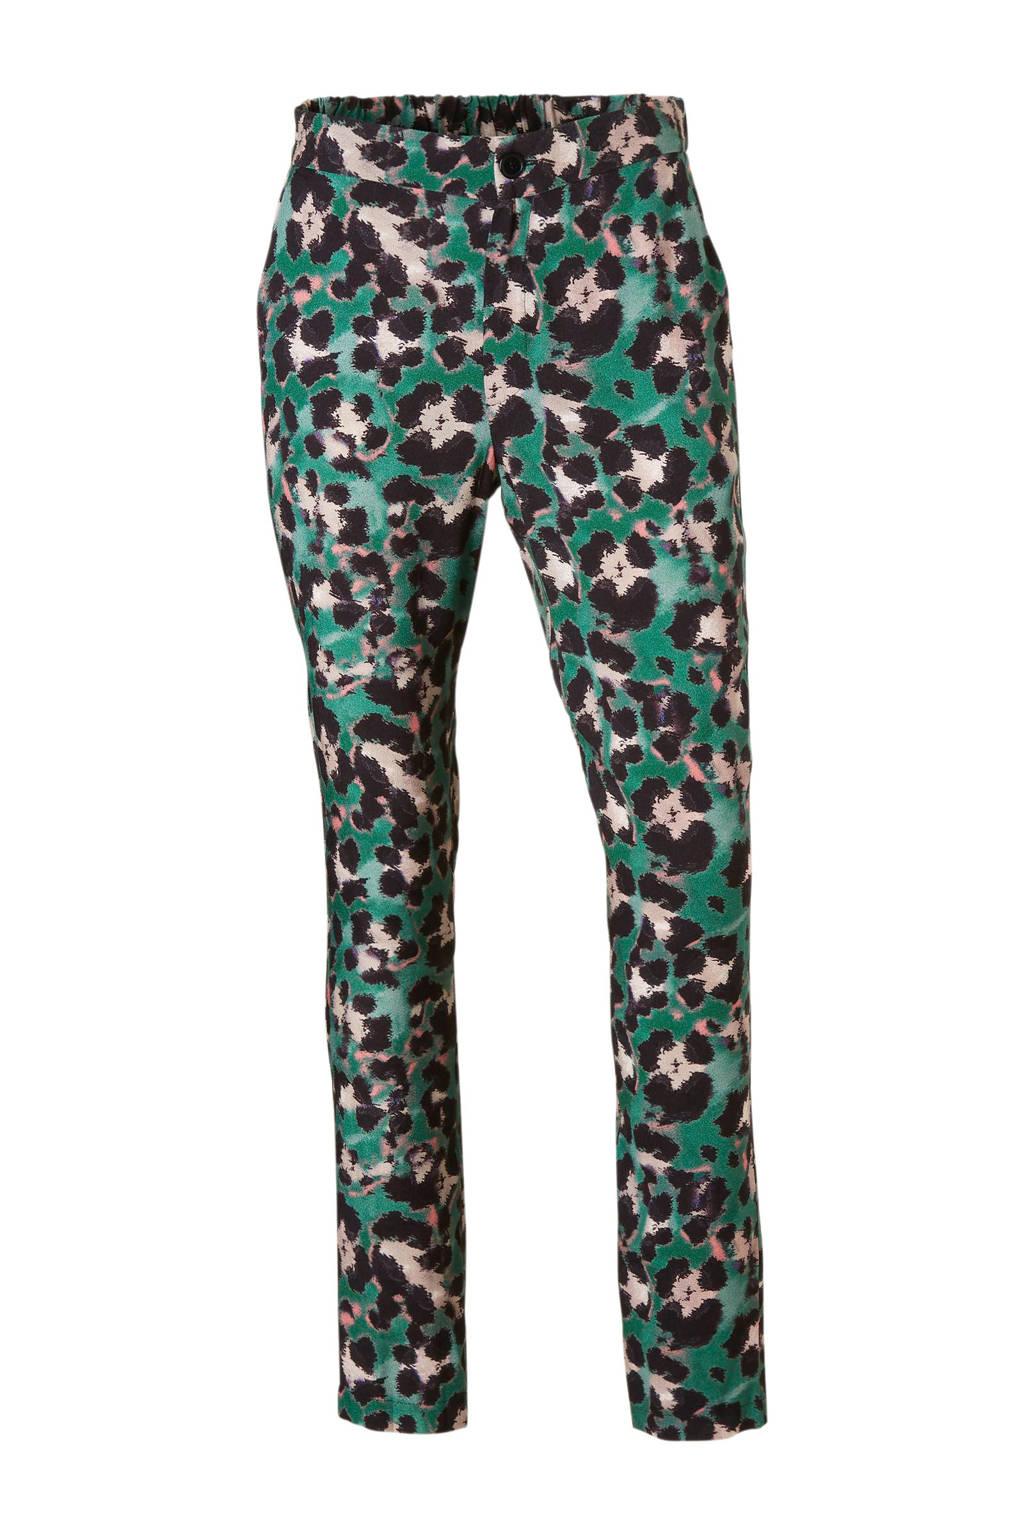 Geisha slim fit broek met panterprint, Groen/zwart/wit/roze